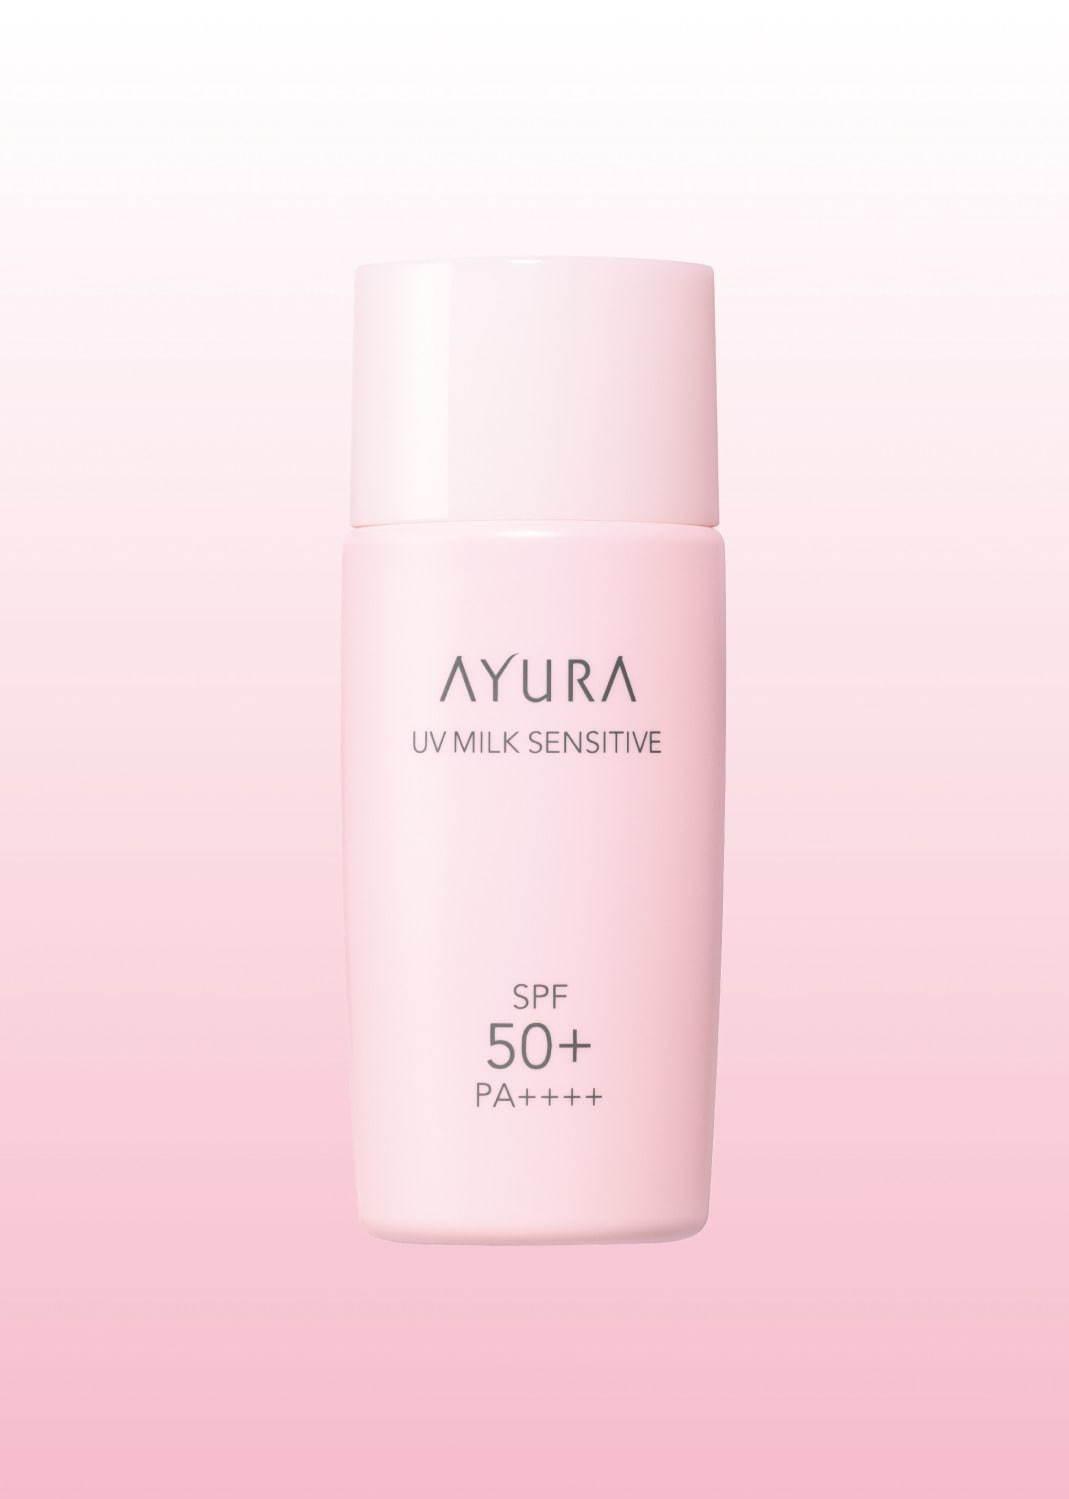 アユーラ UVミルク センシティブ(医薬部外品) SPF50+・PA++++